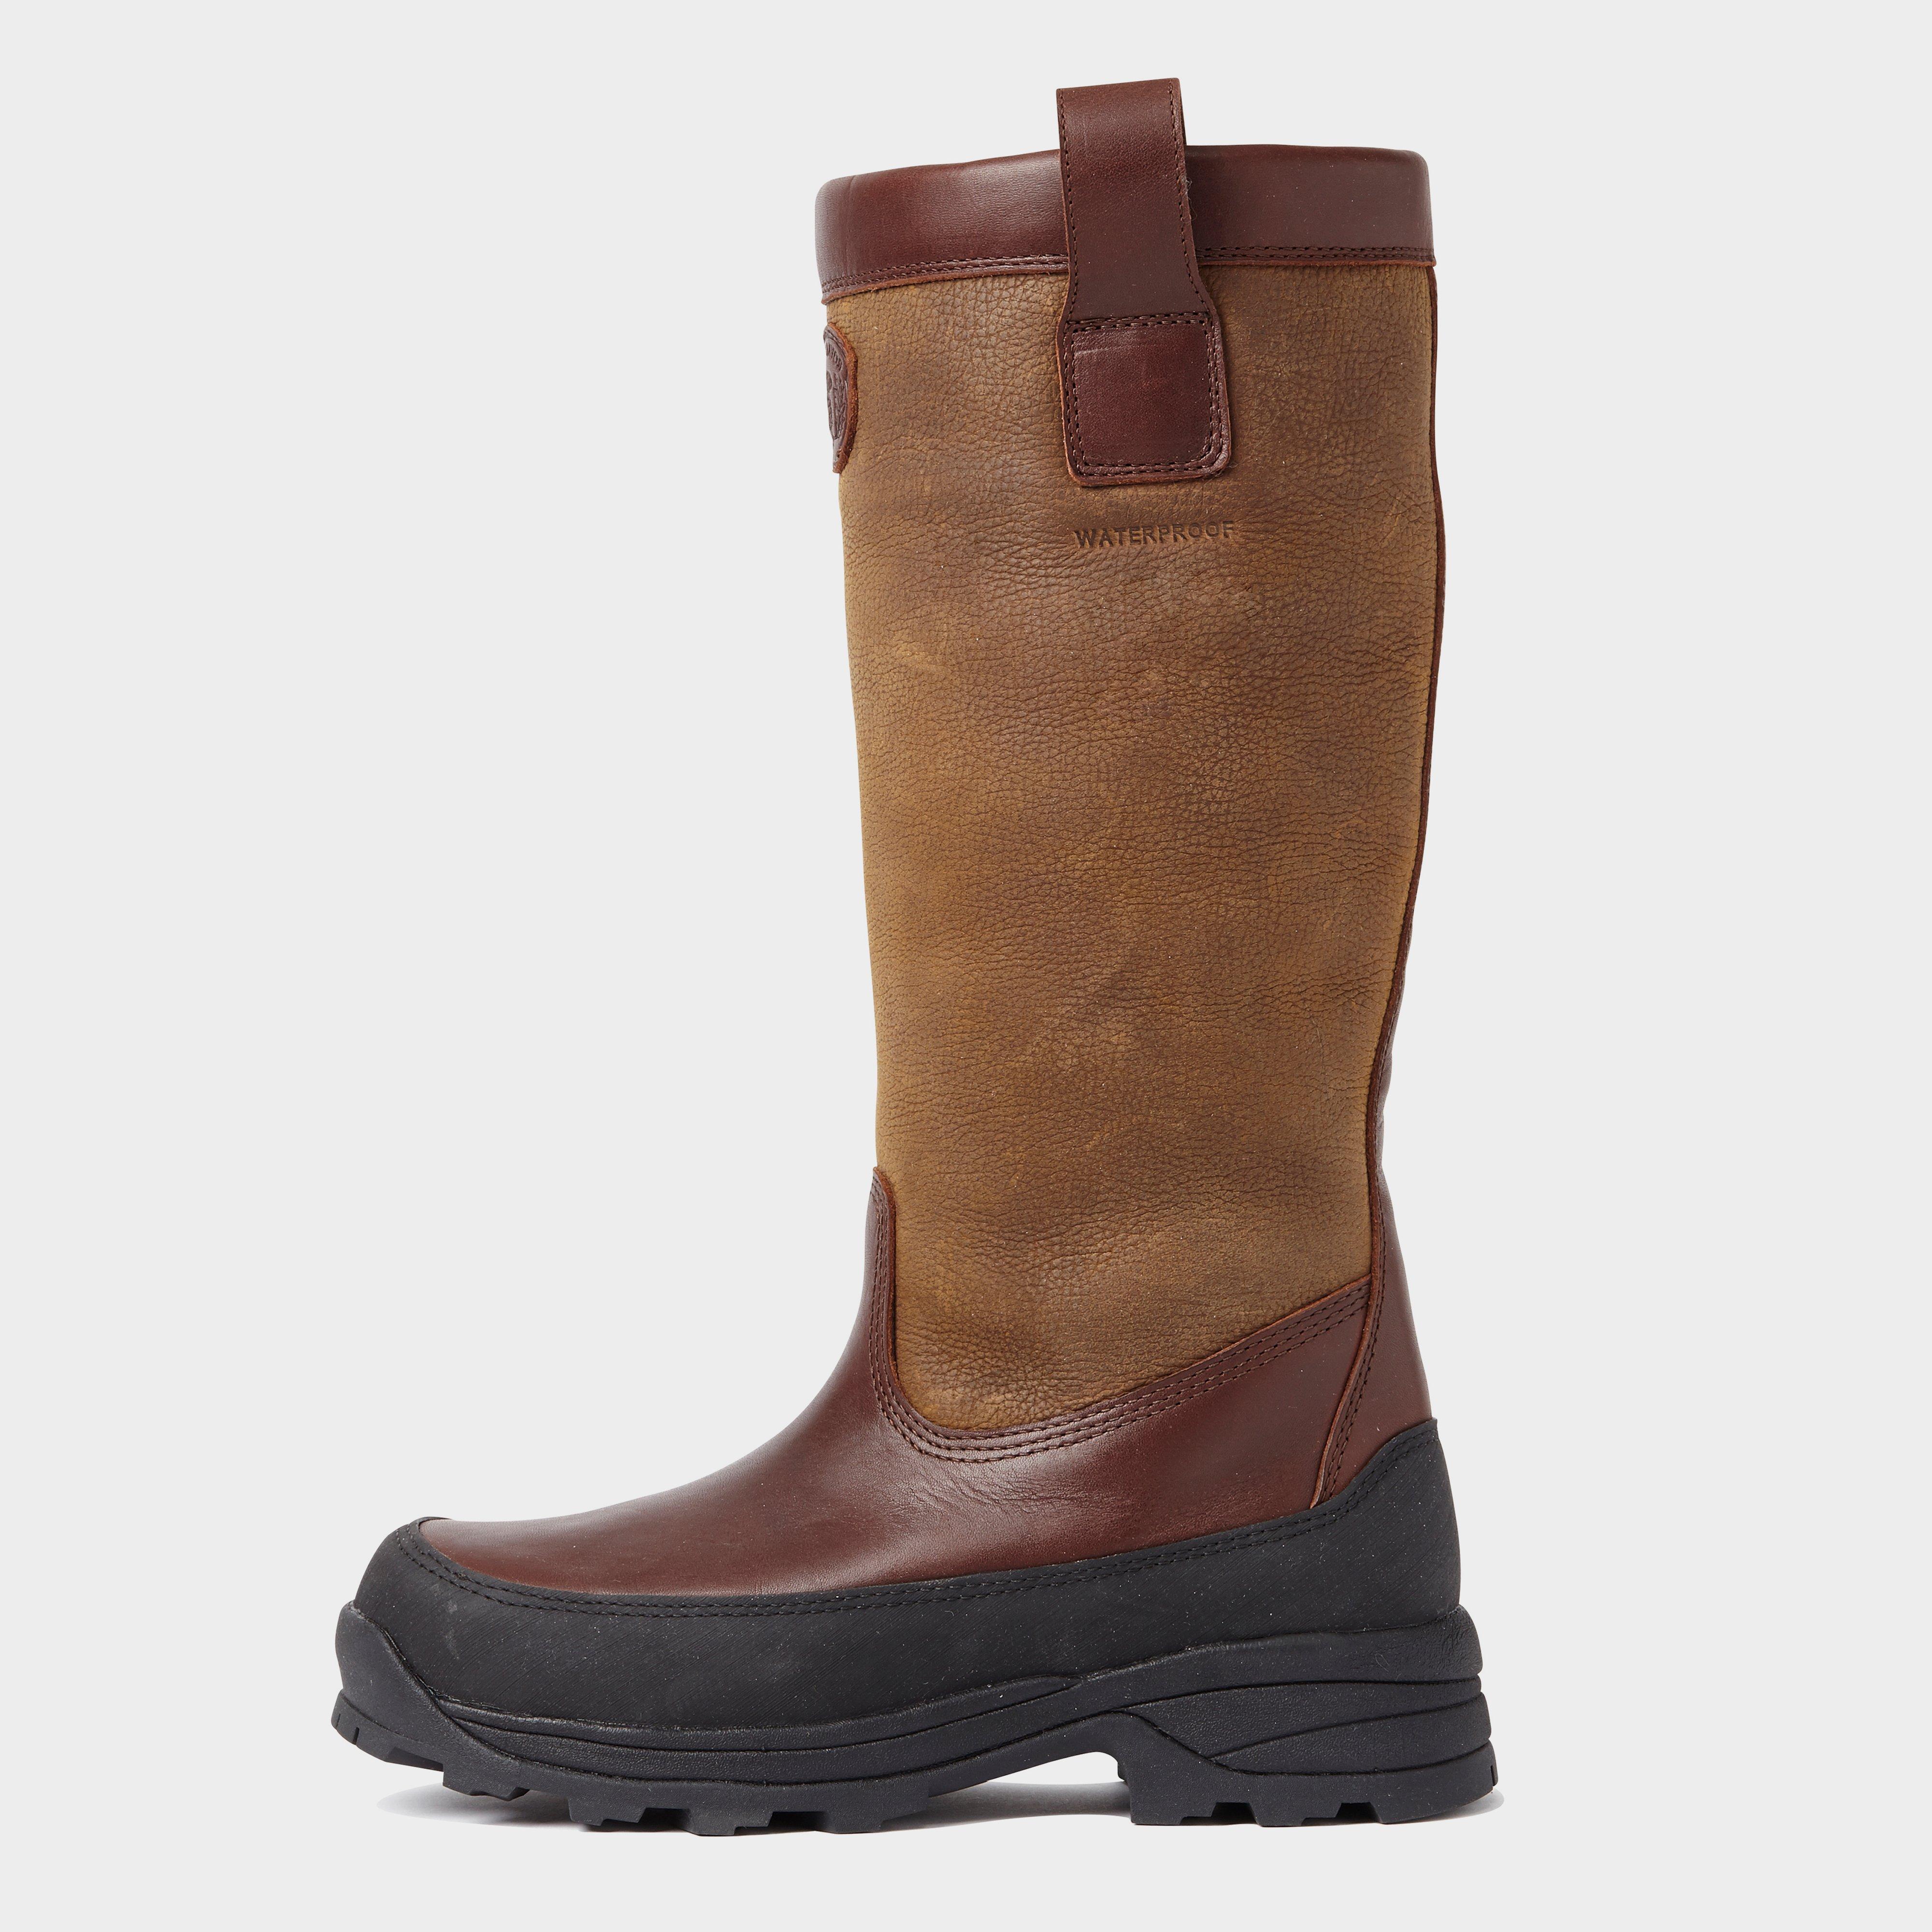 Royal Scot Mens Glencoe Boot - Brown/brown  Brown/brown